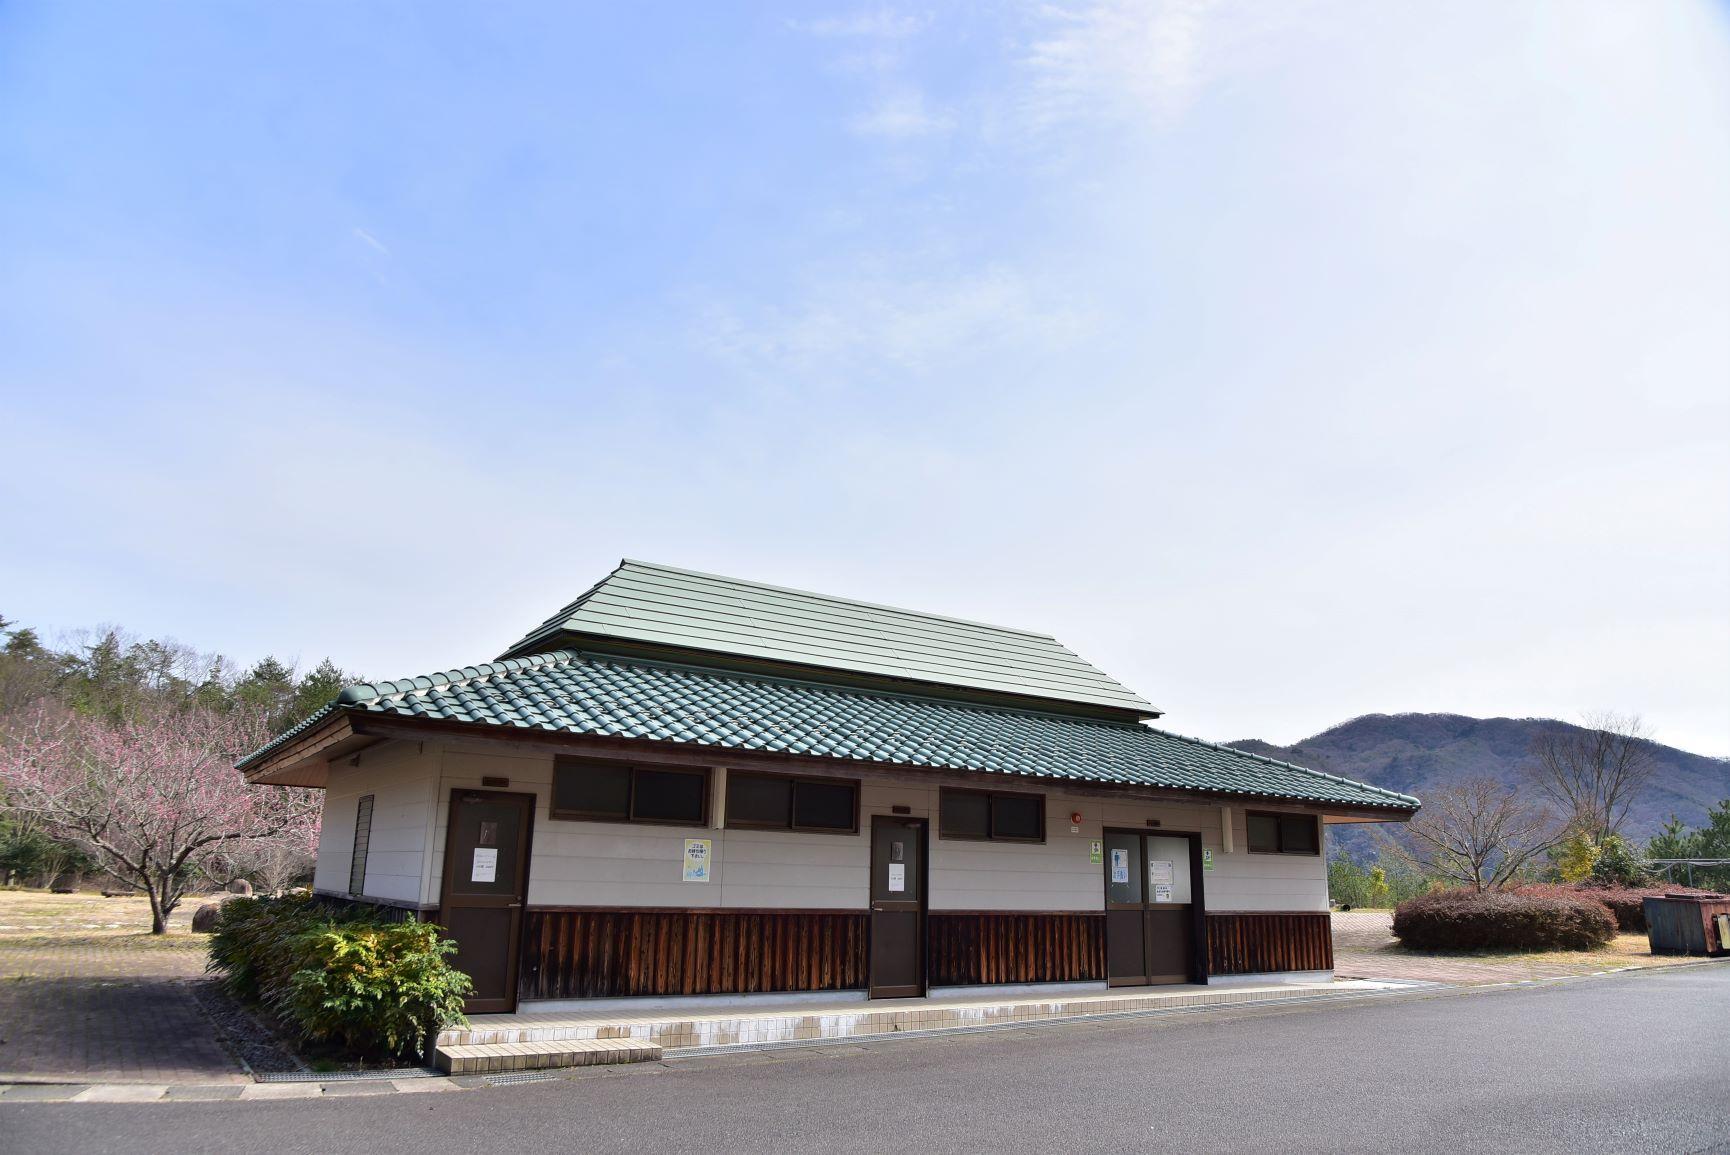 八田原グリーンパーク「芦田湖オートキャンプ場」写真8